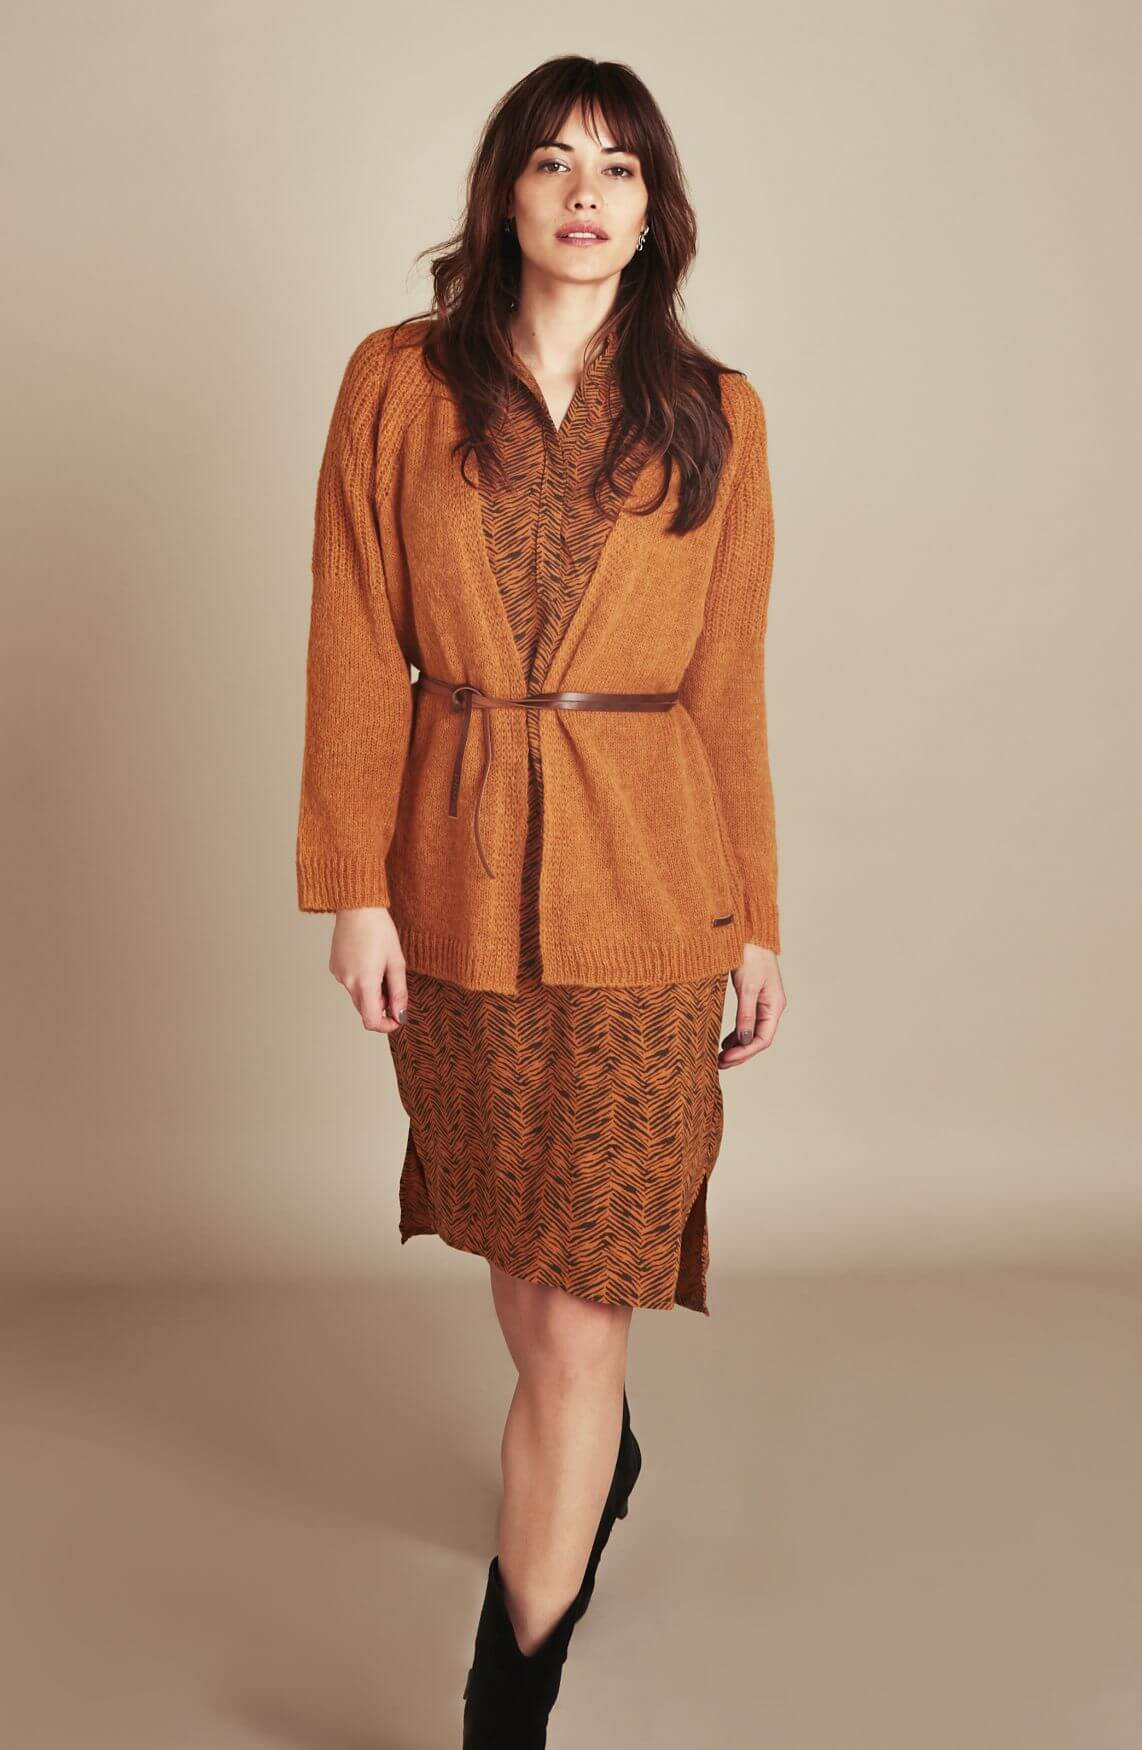 Moscow Dames Jalasha jurk Bruin